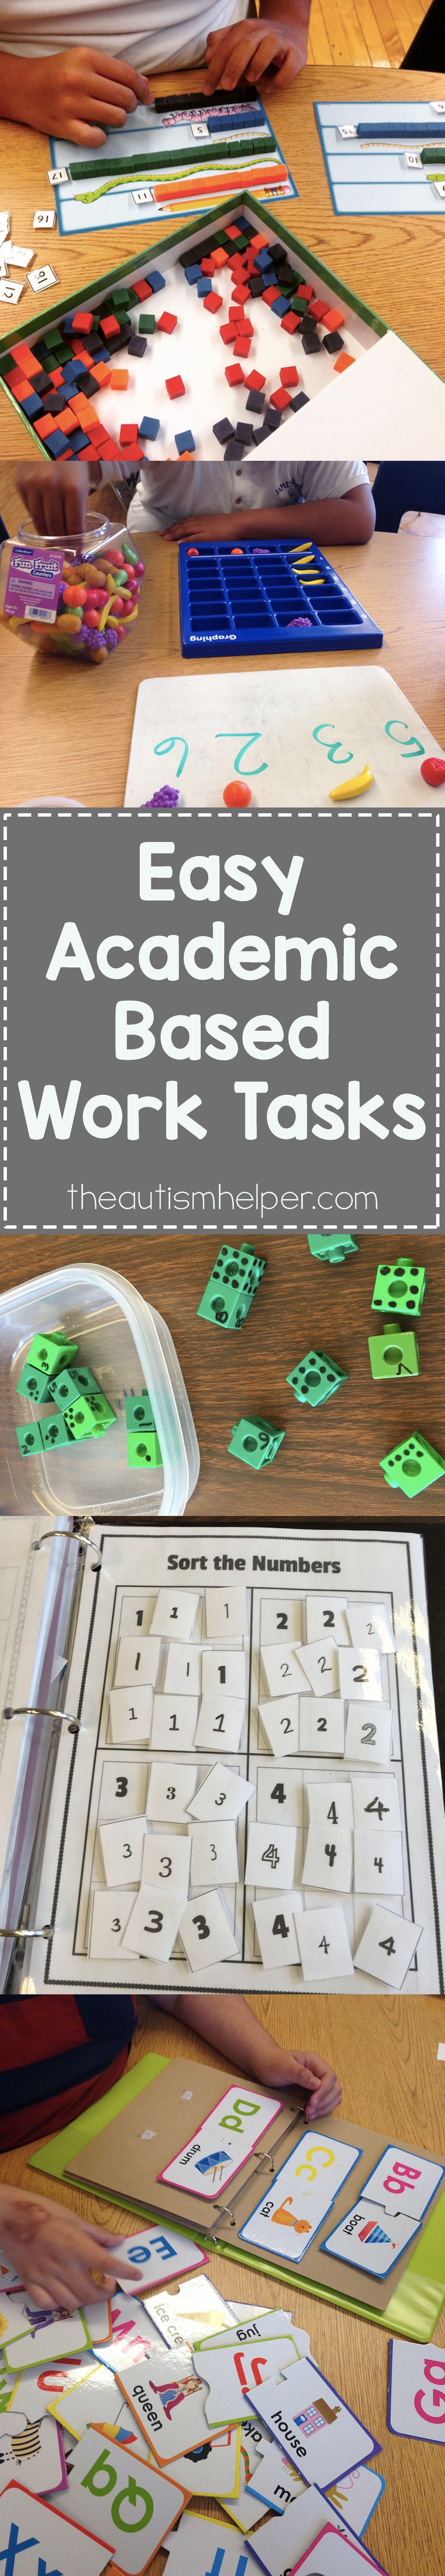 Easy Academic Based Work Tasks